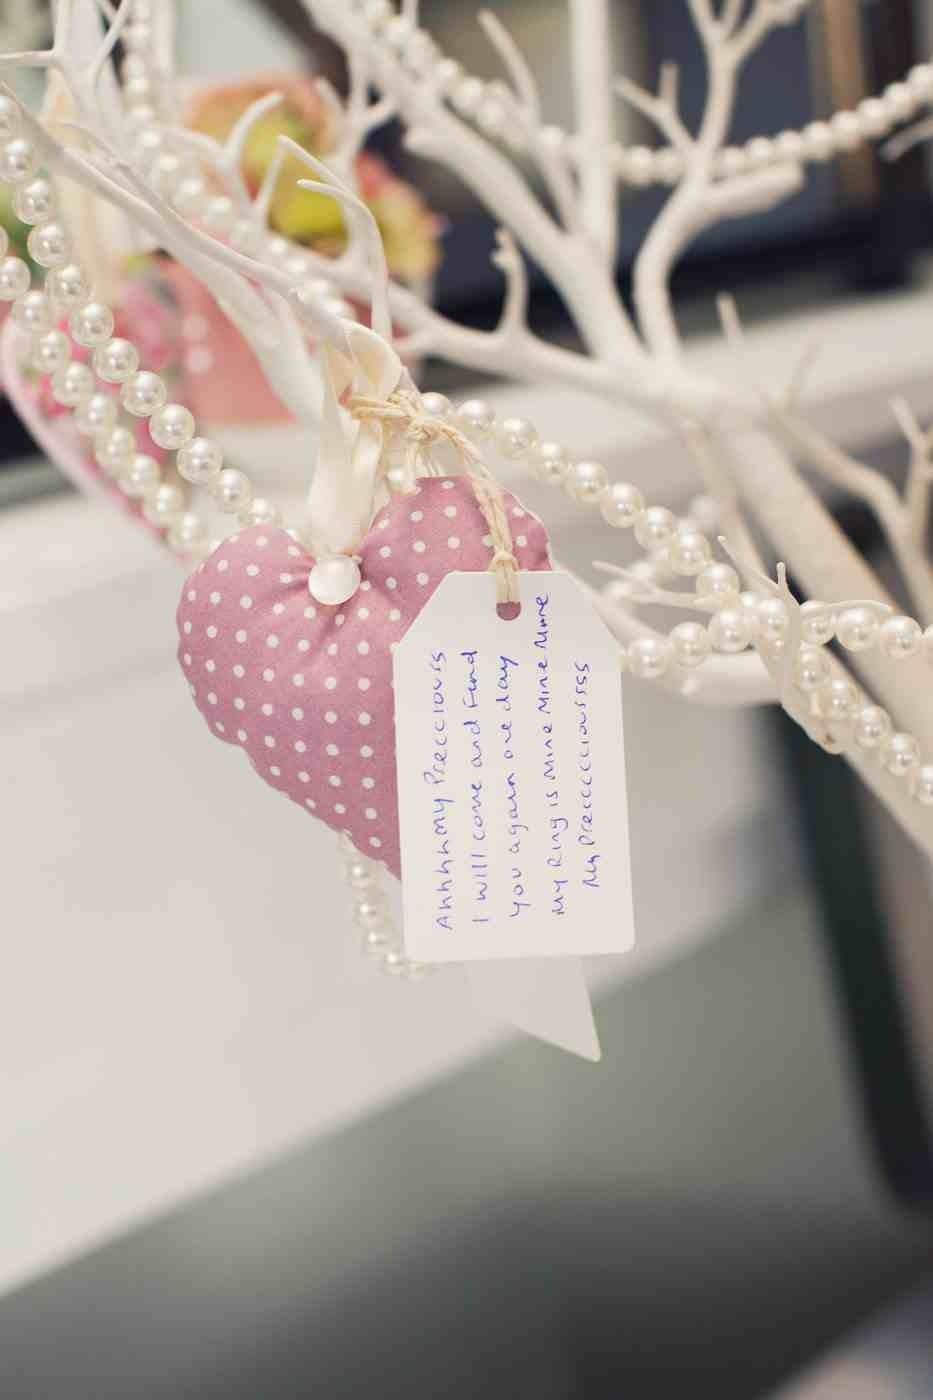 Wedding wish tree, white Manzanita, Handmade/homemade fabric heart ...